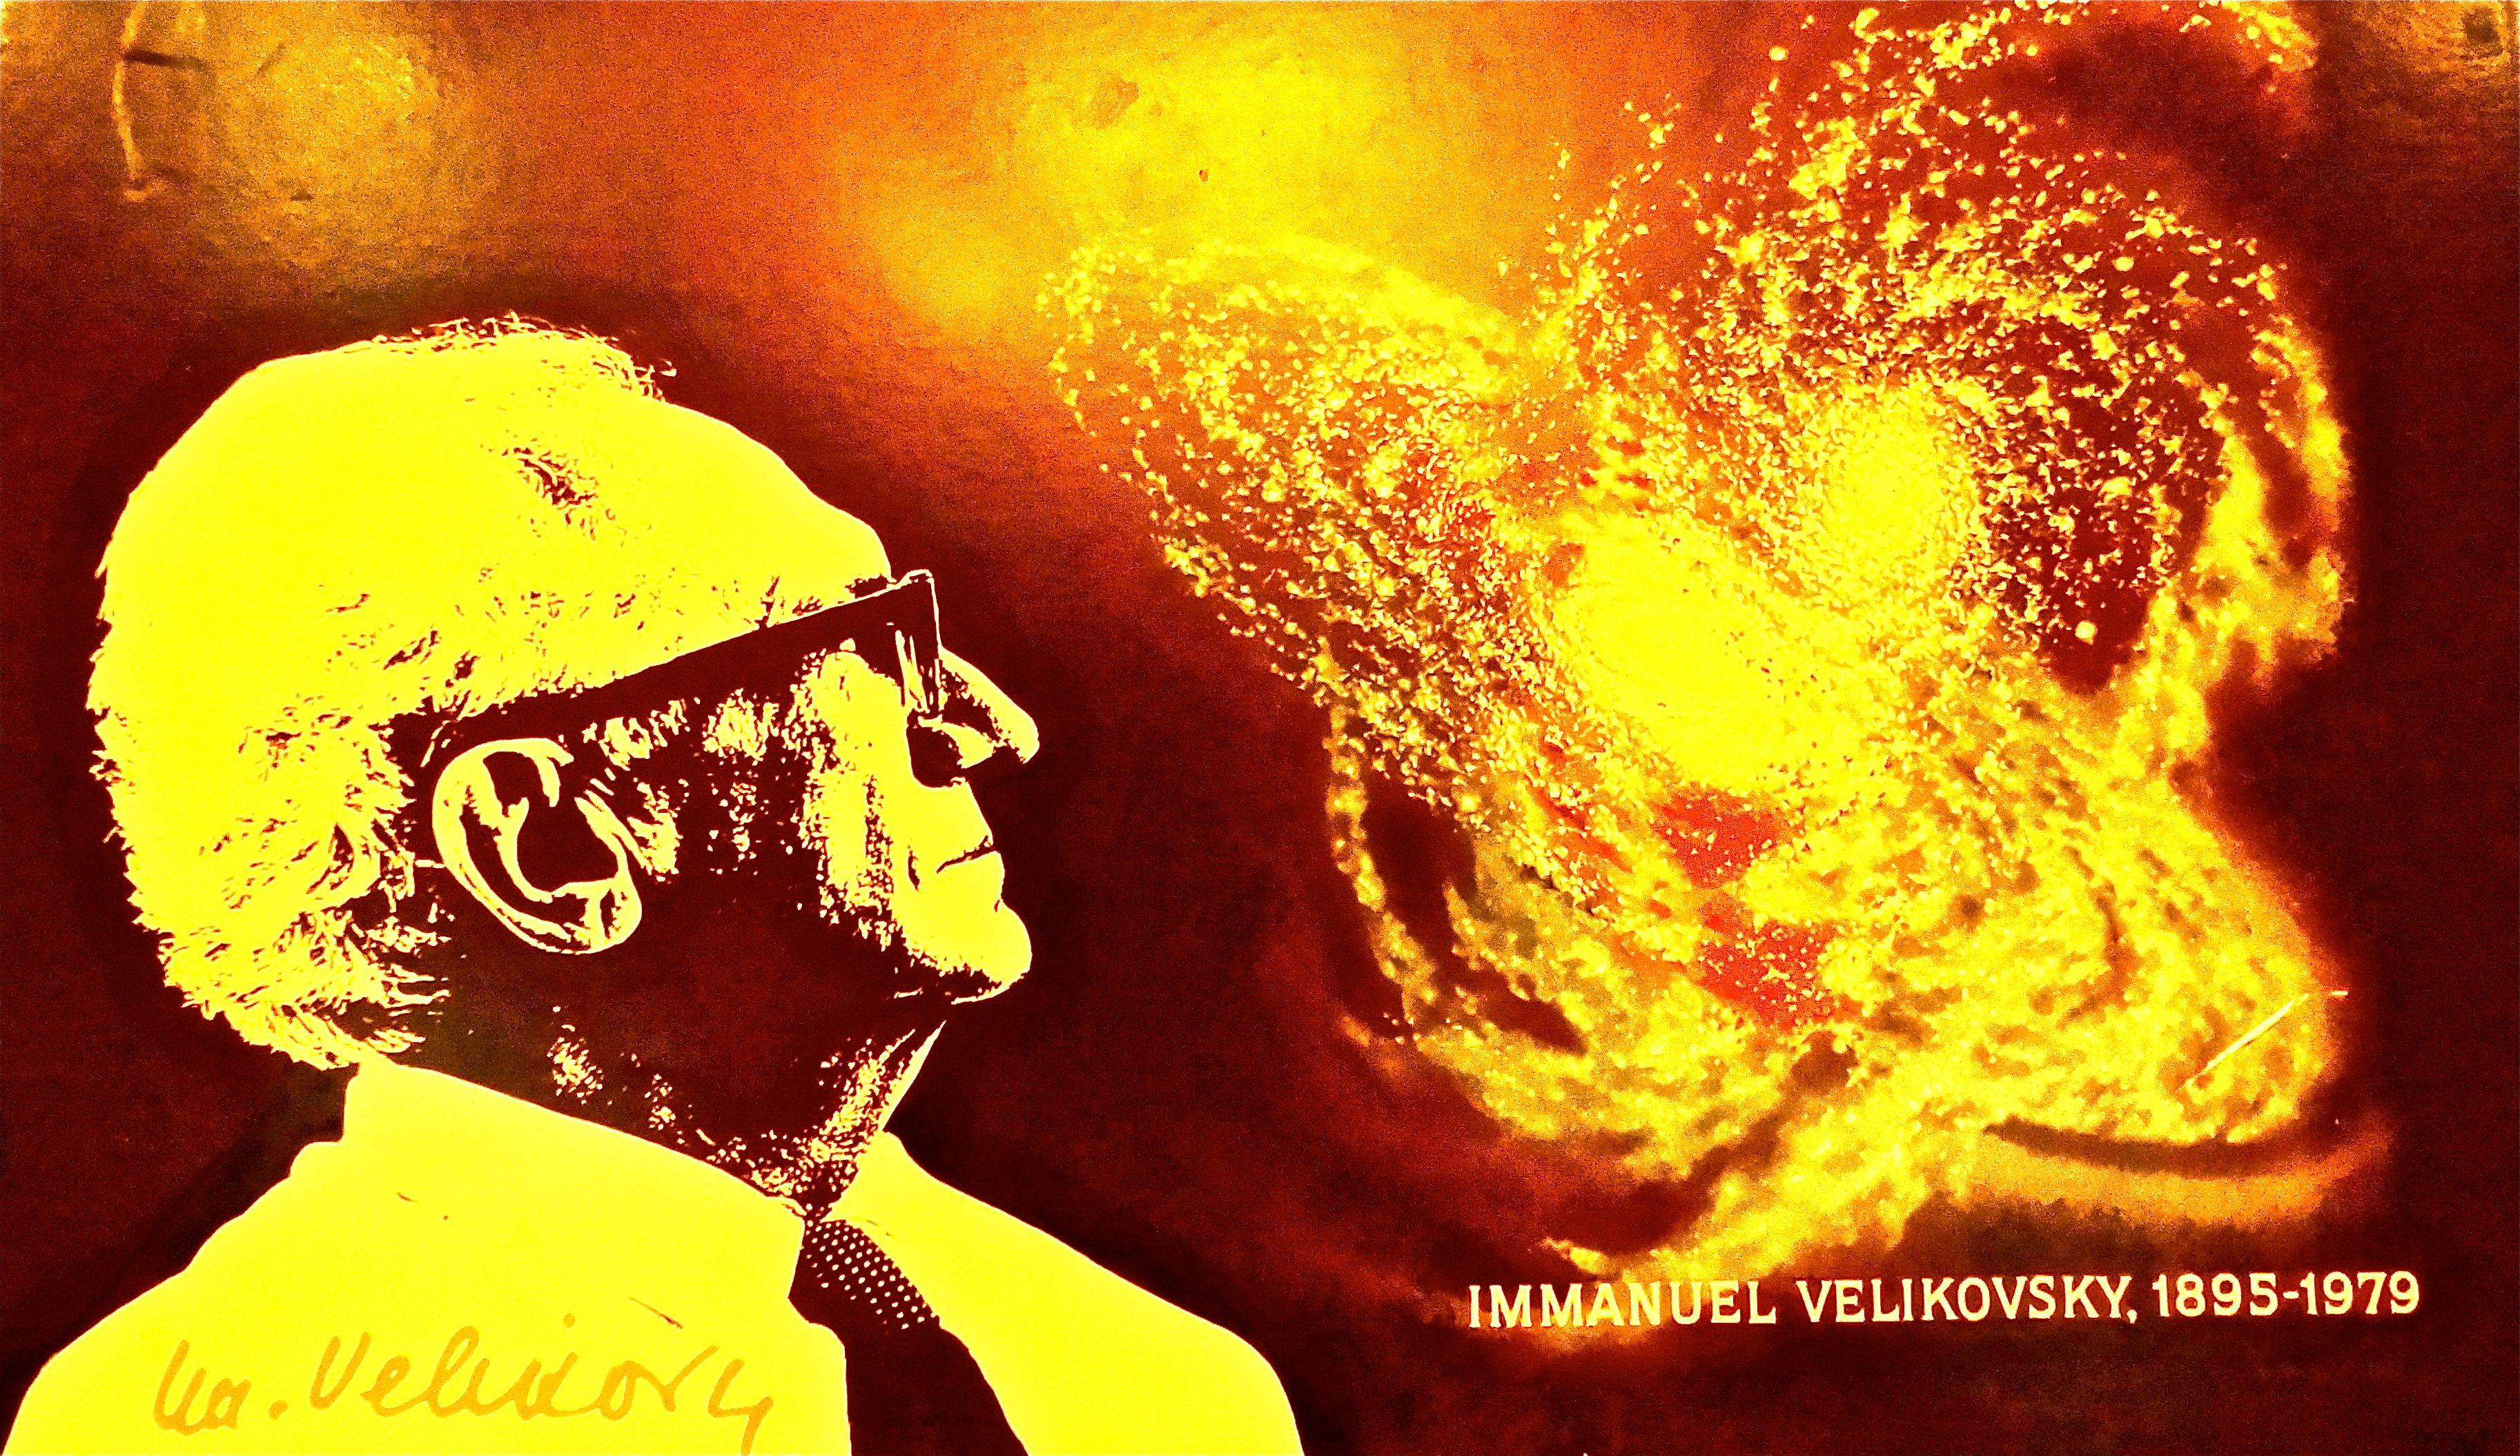 Velikovsky Poster.jpg